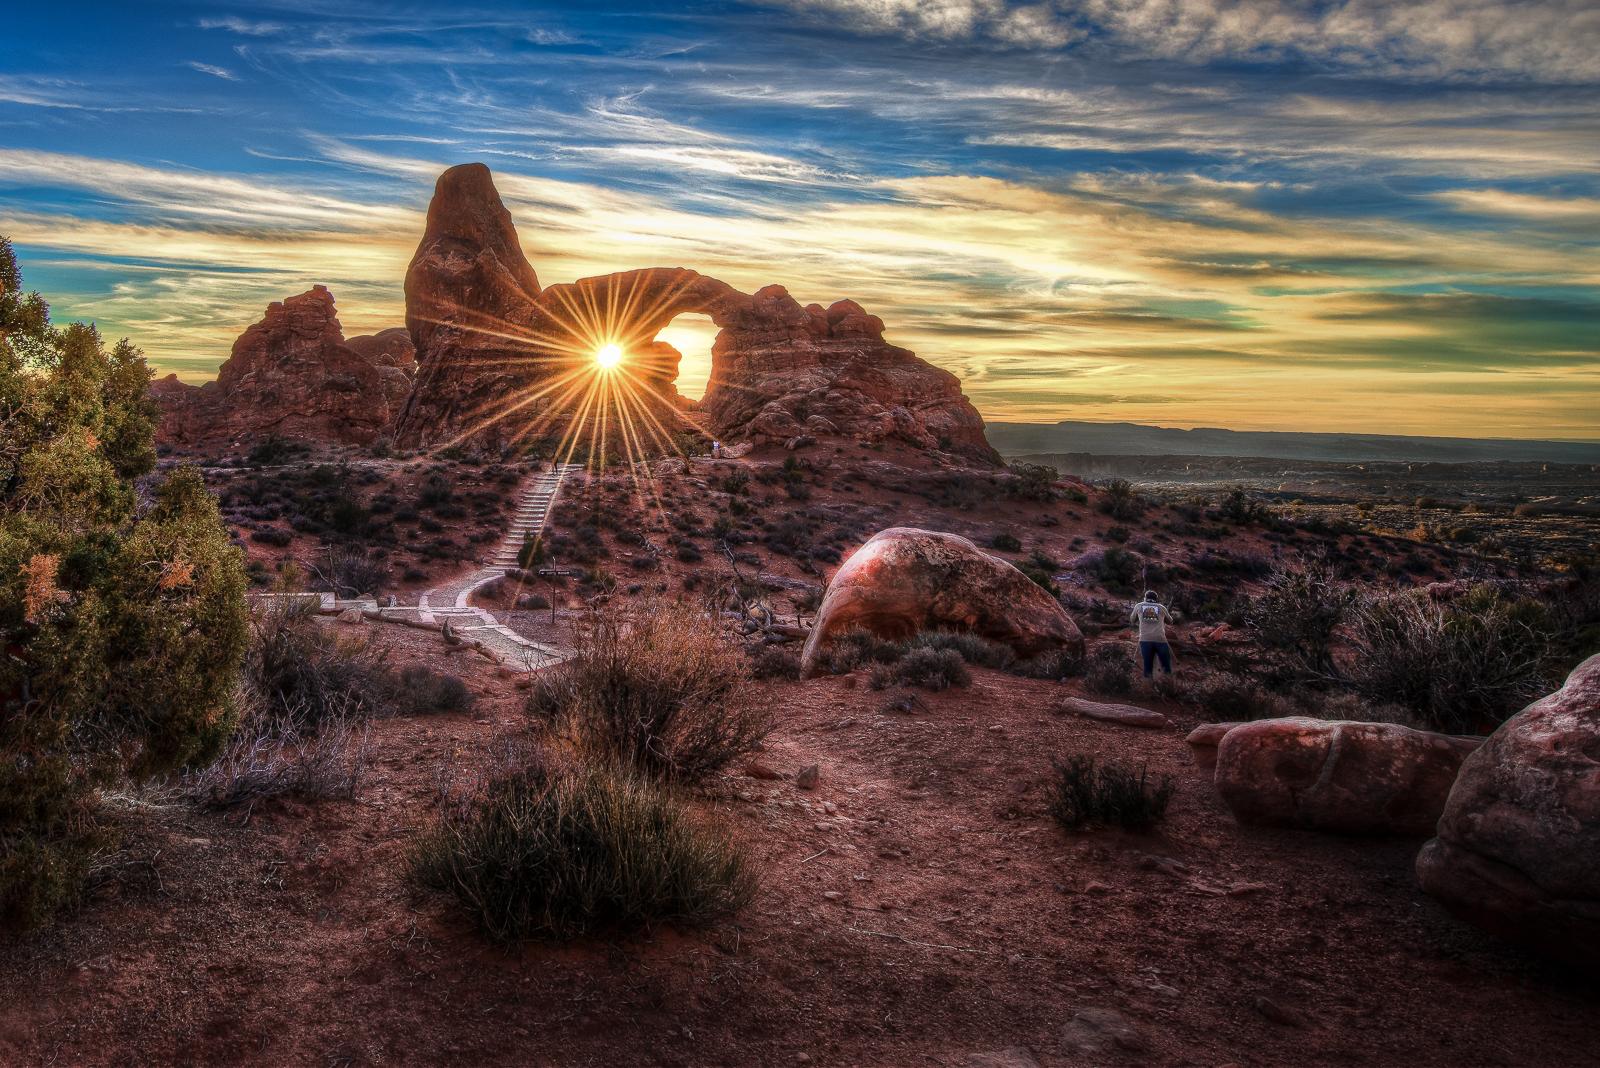 Arches National Park, explore by alierturk